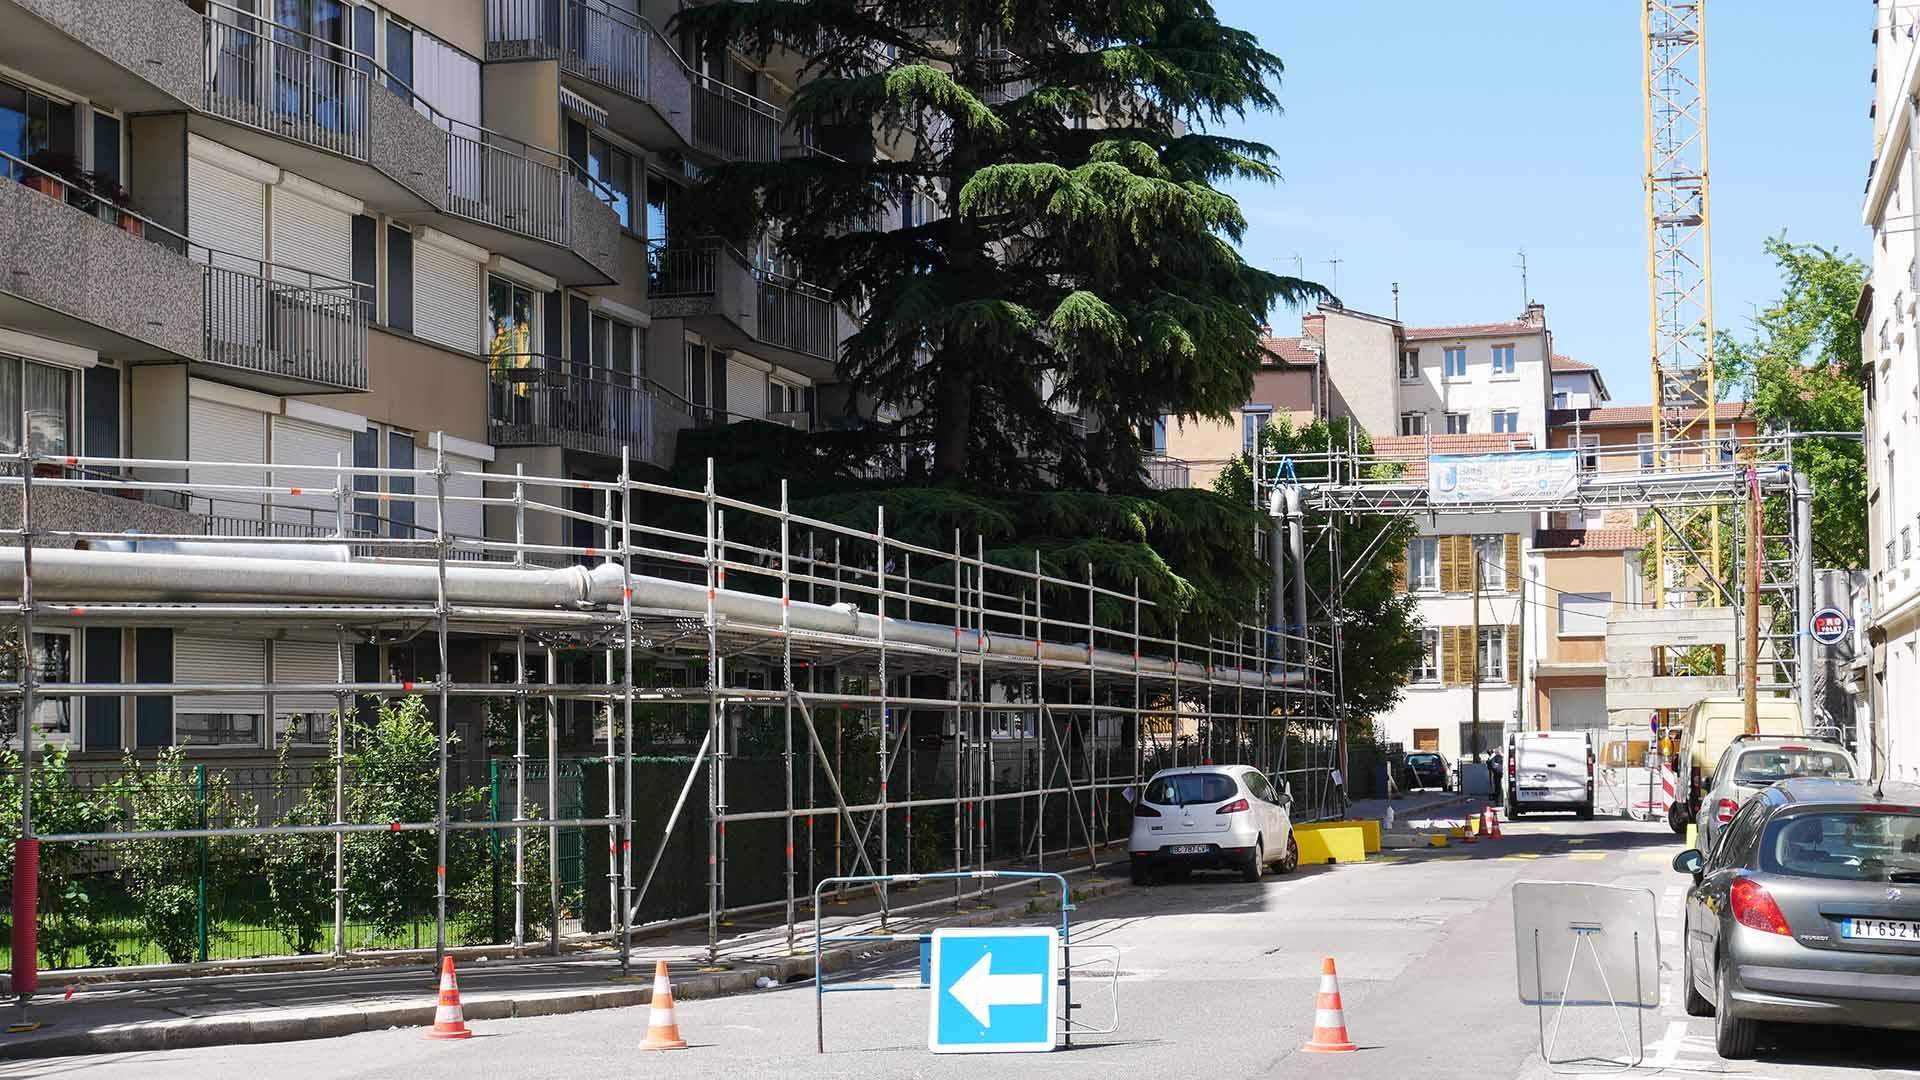 Rabattement de nappe à Lyon